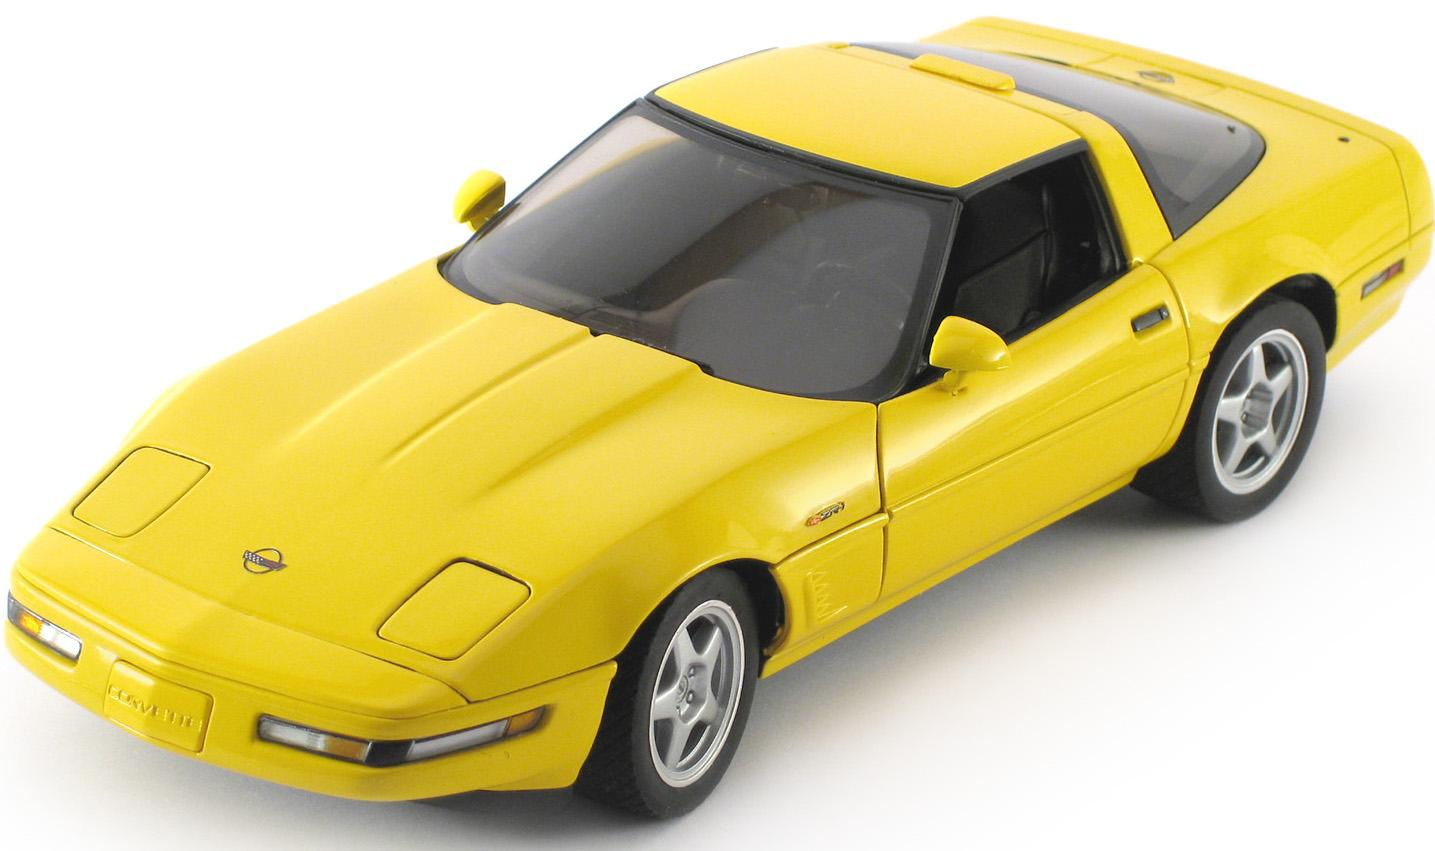 Chevrolet Corvette Zr